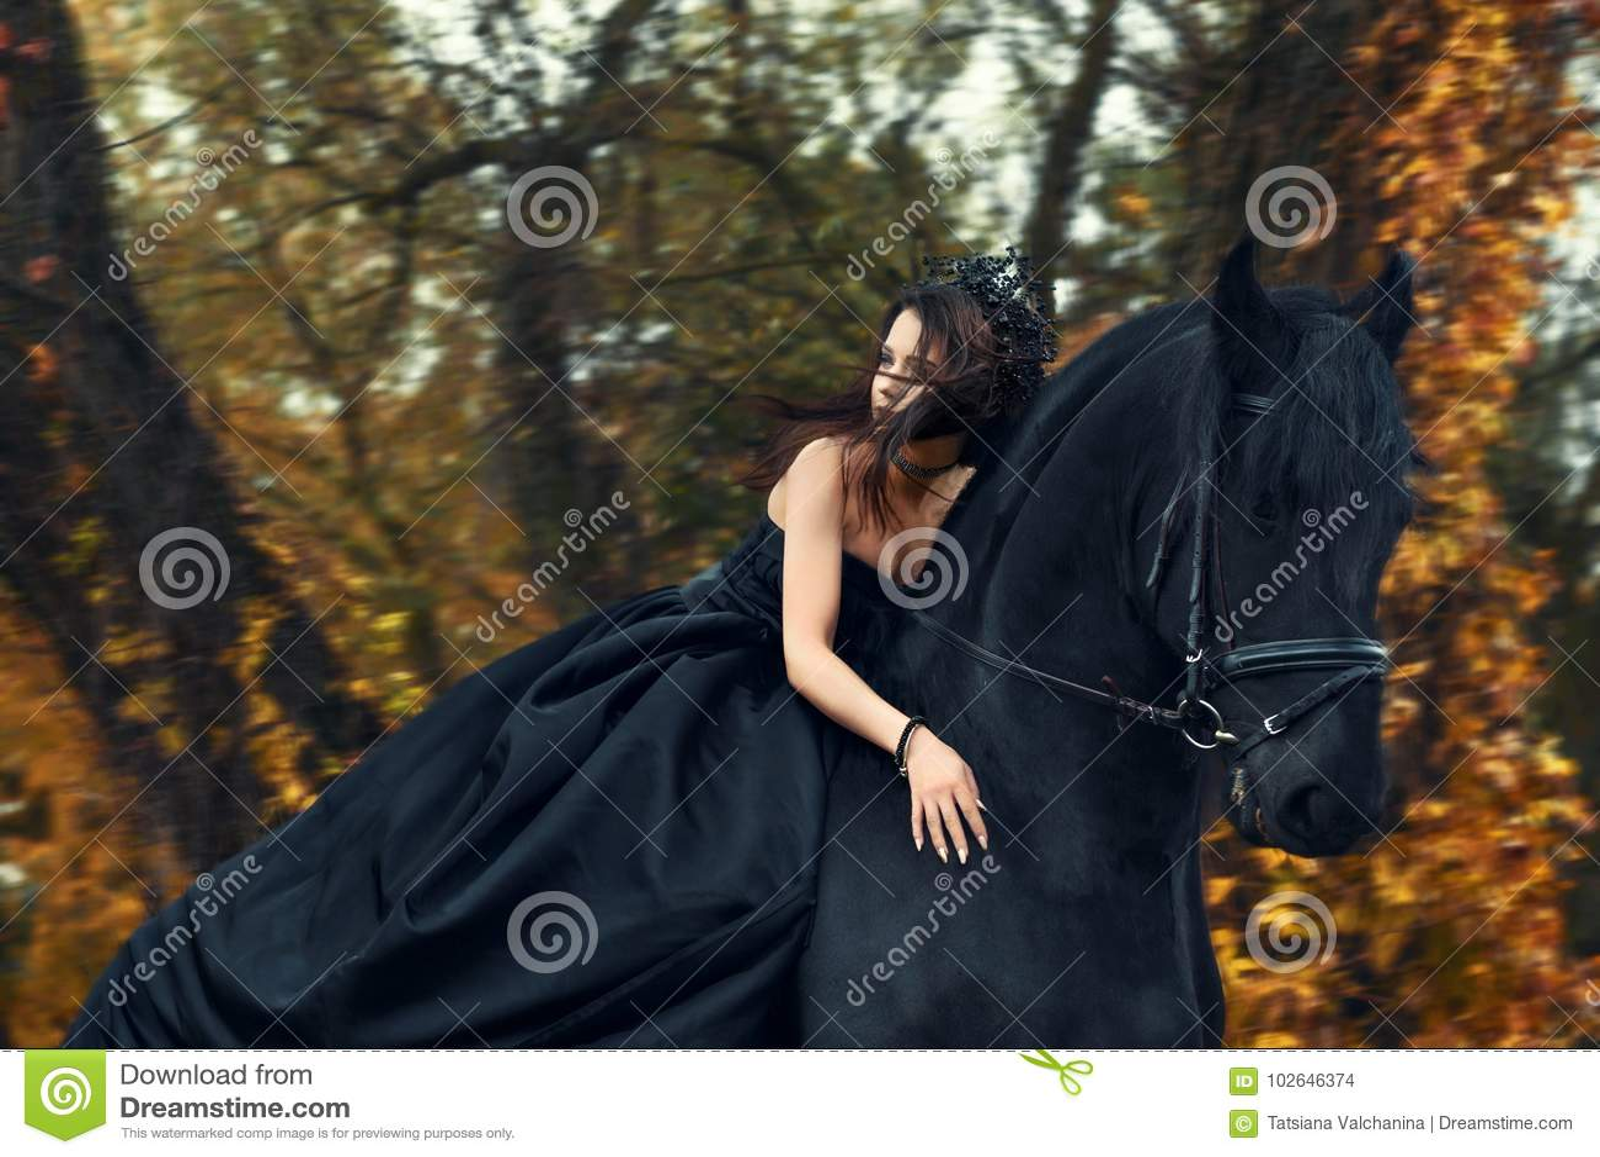 Strega nera della regina della ragazza in vestito nero e diadema che guida a cavallo su un cavallo frisone